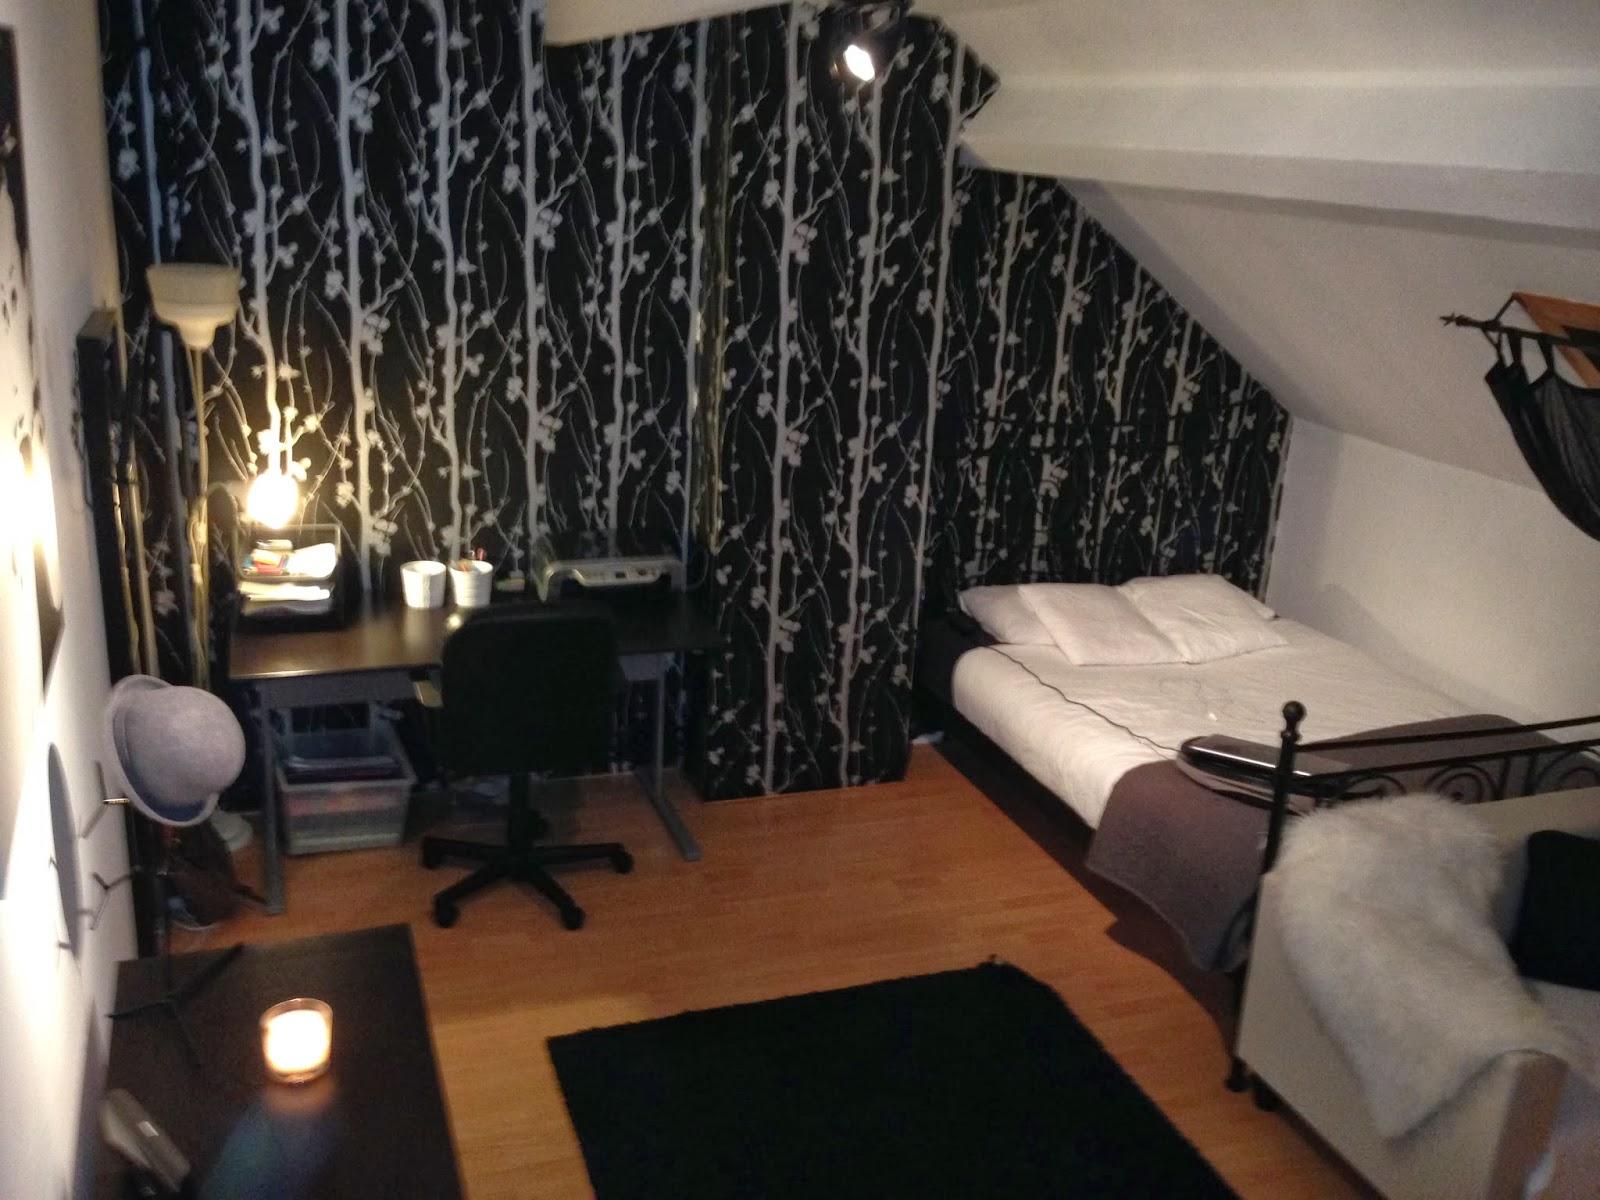 vivahdream: room tour : ikea room !!!